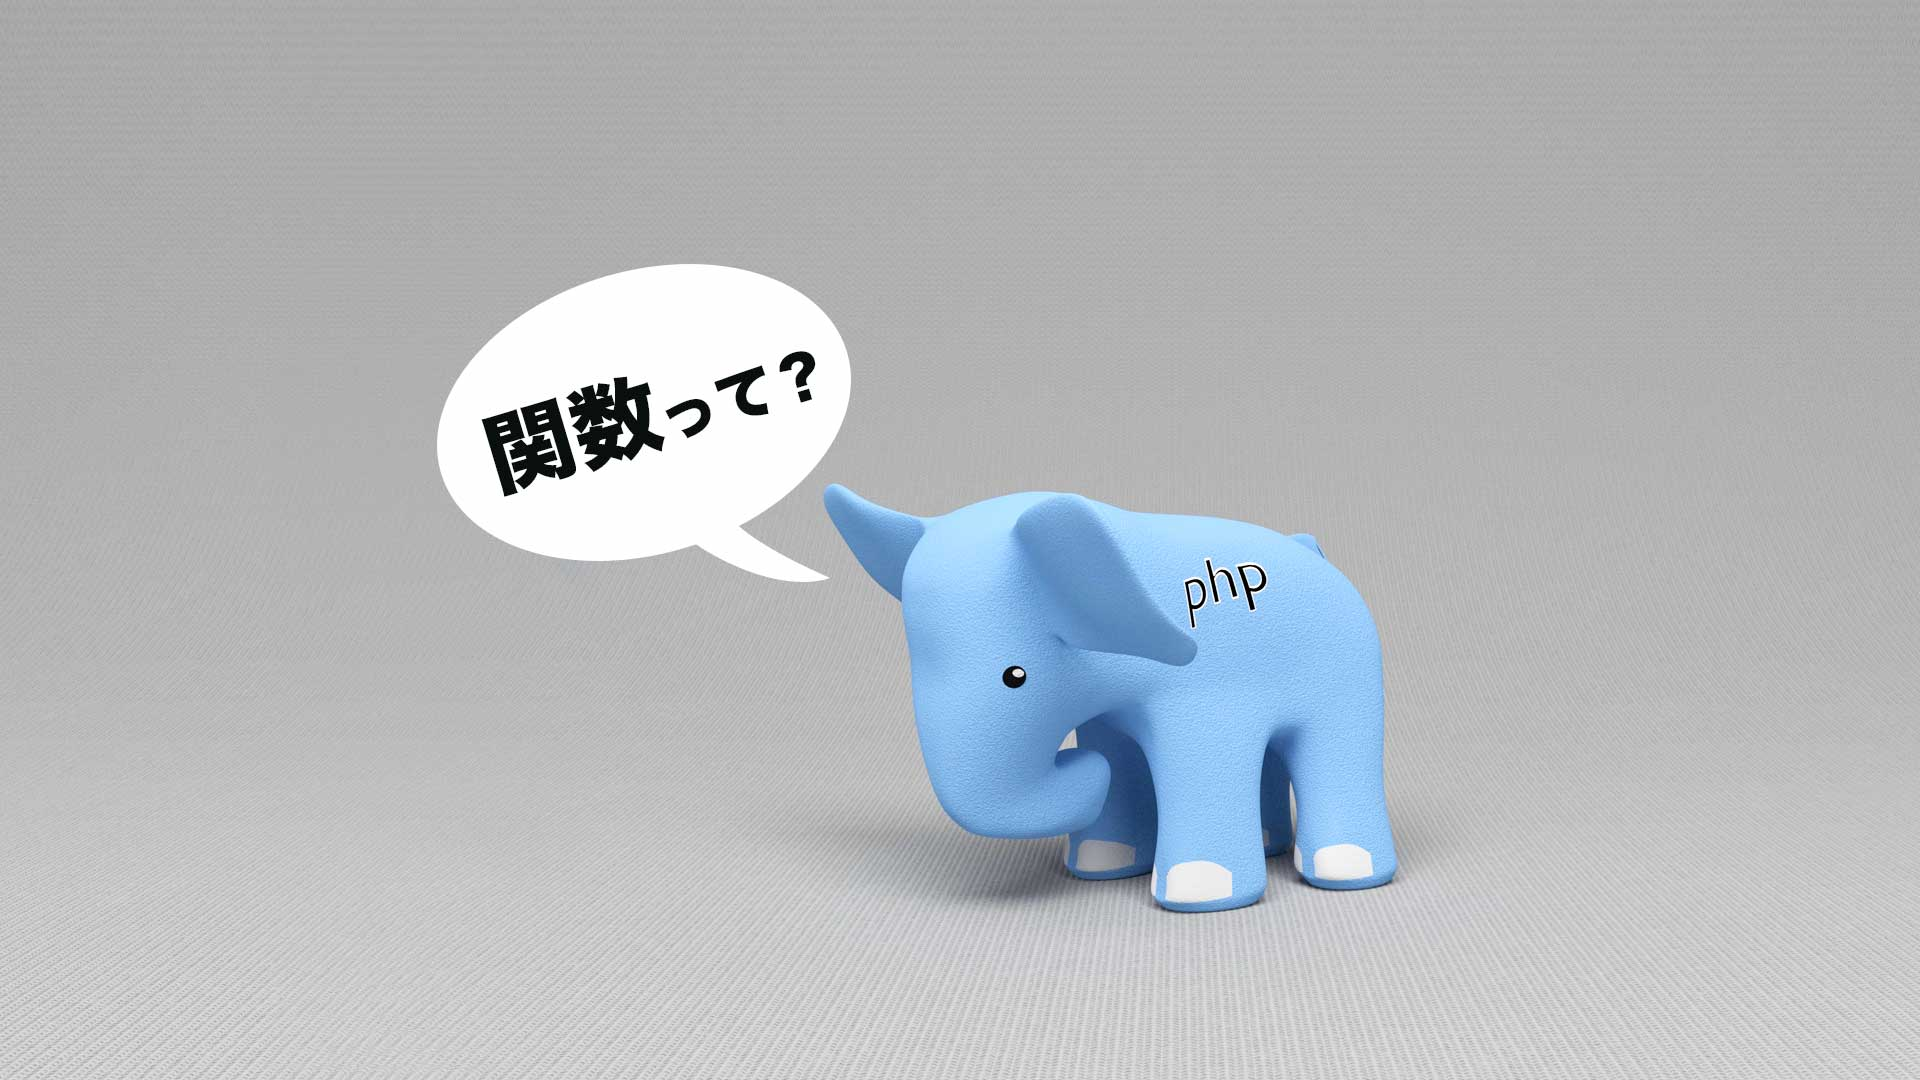 【関数とは】初心者が最短でPHPを使えるようになるための実践的な学び方